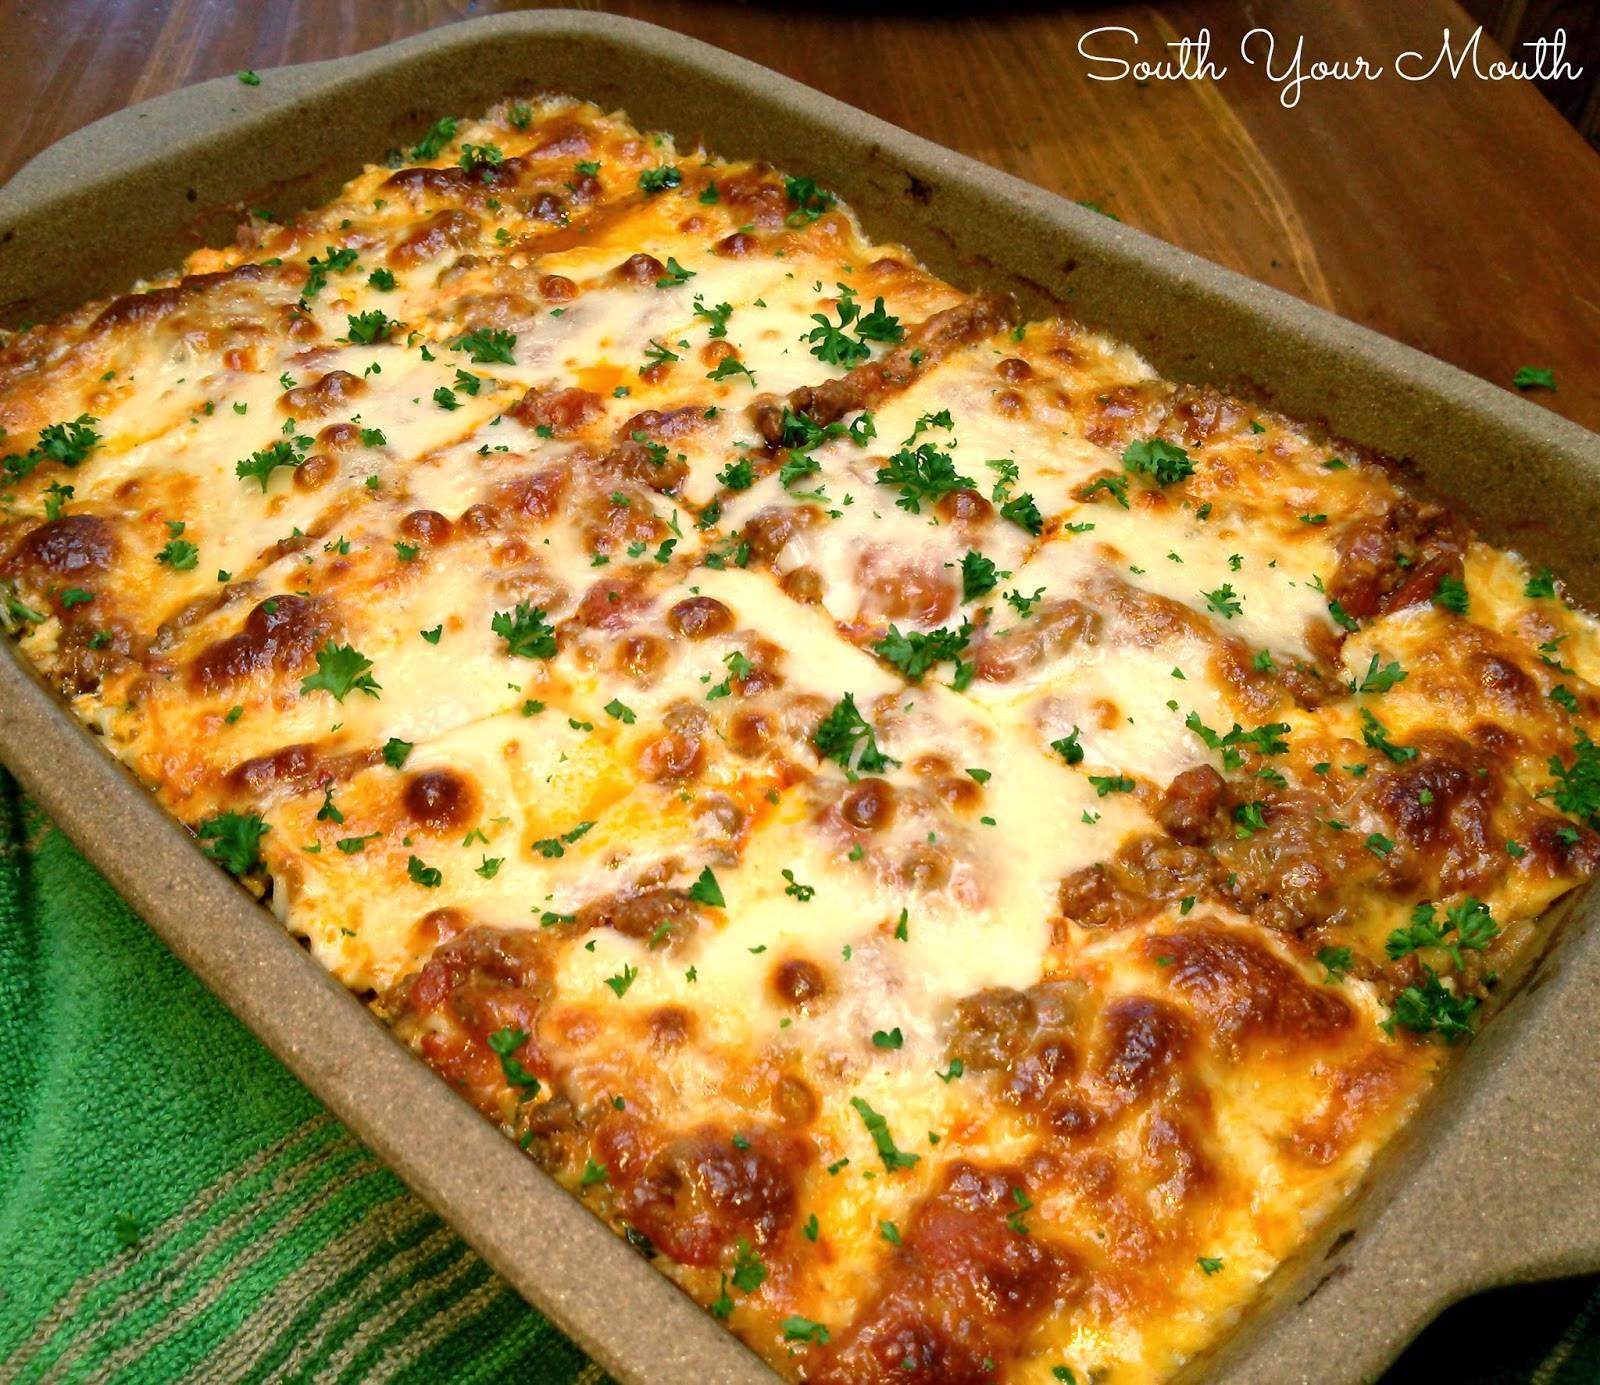 Lasagna Sauce Recipe  South Your Mouth Classic Lasagna